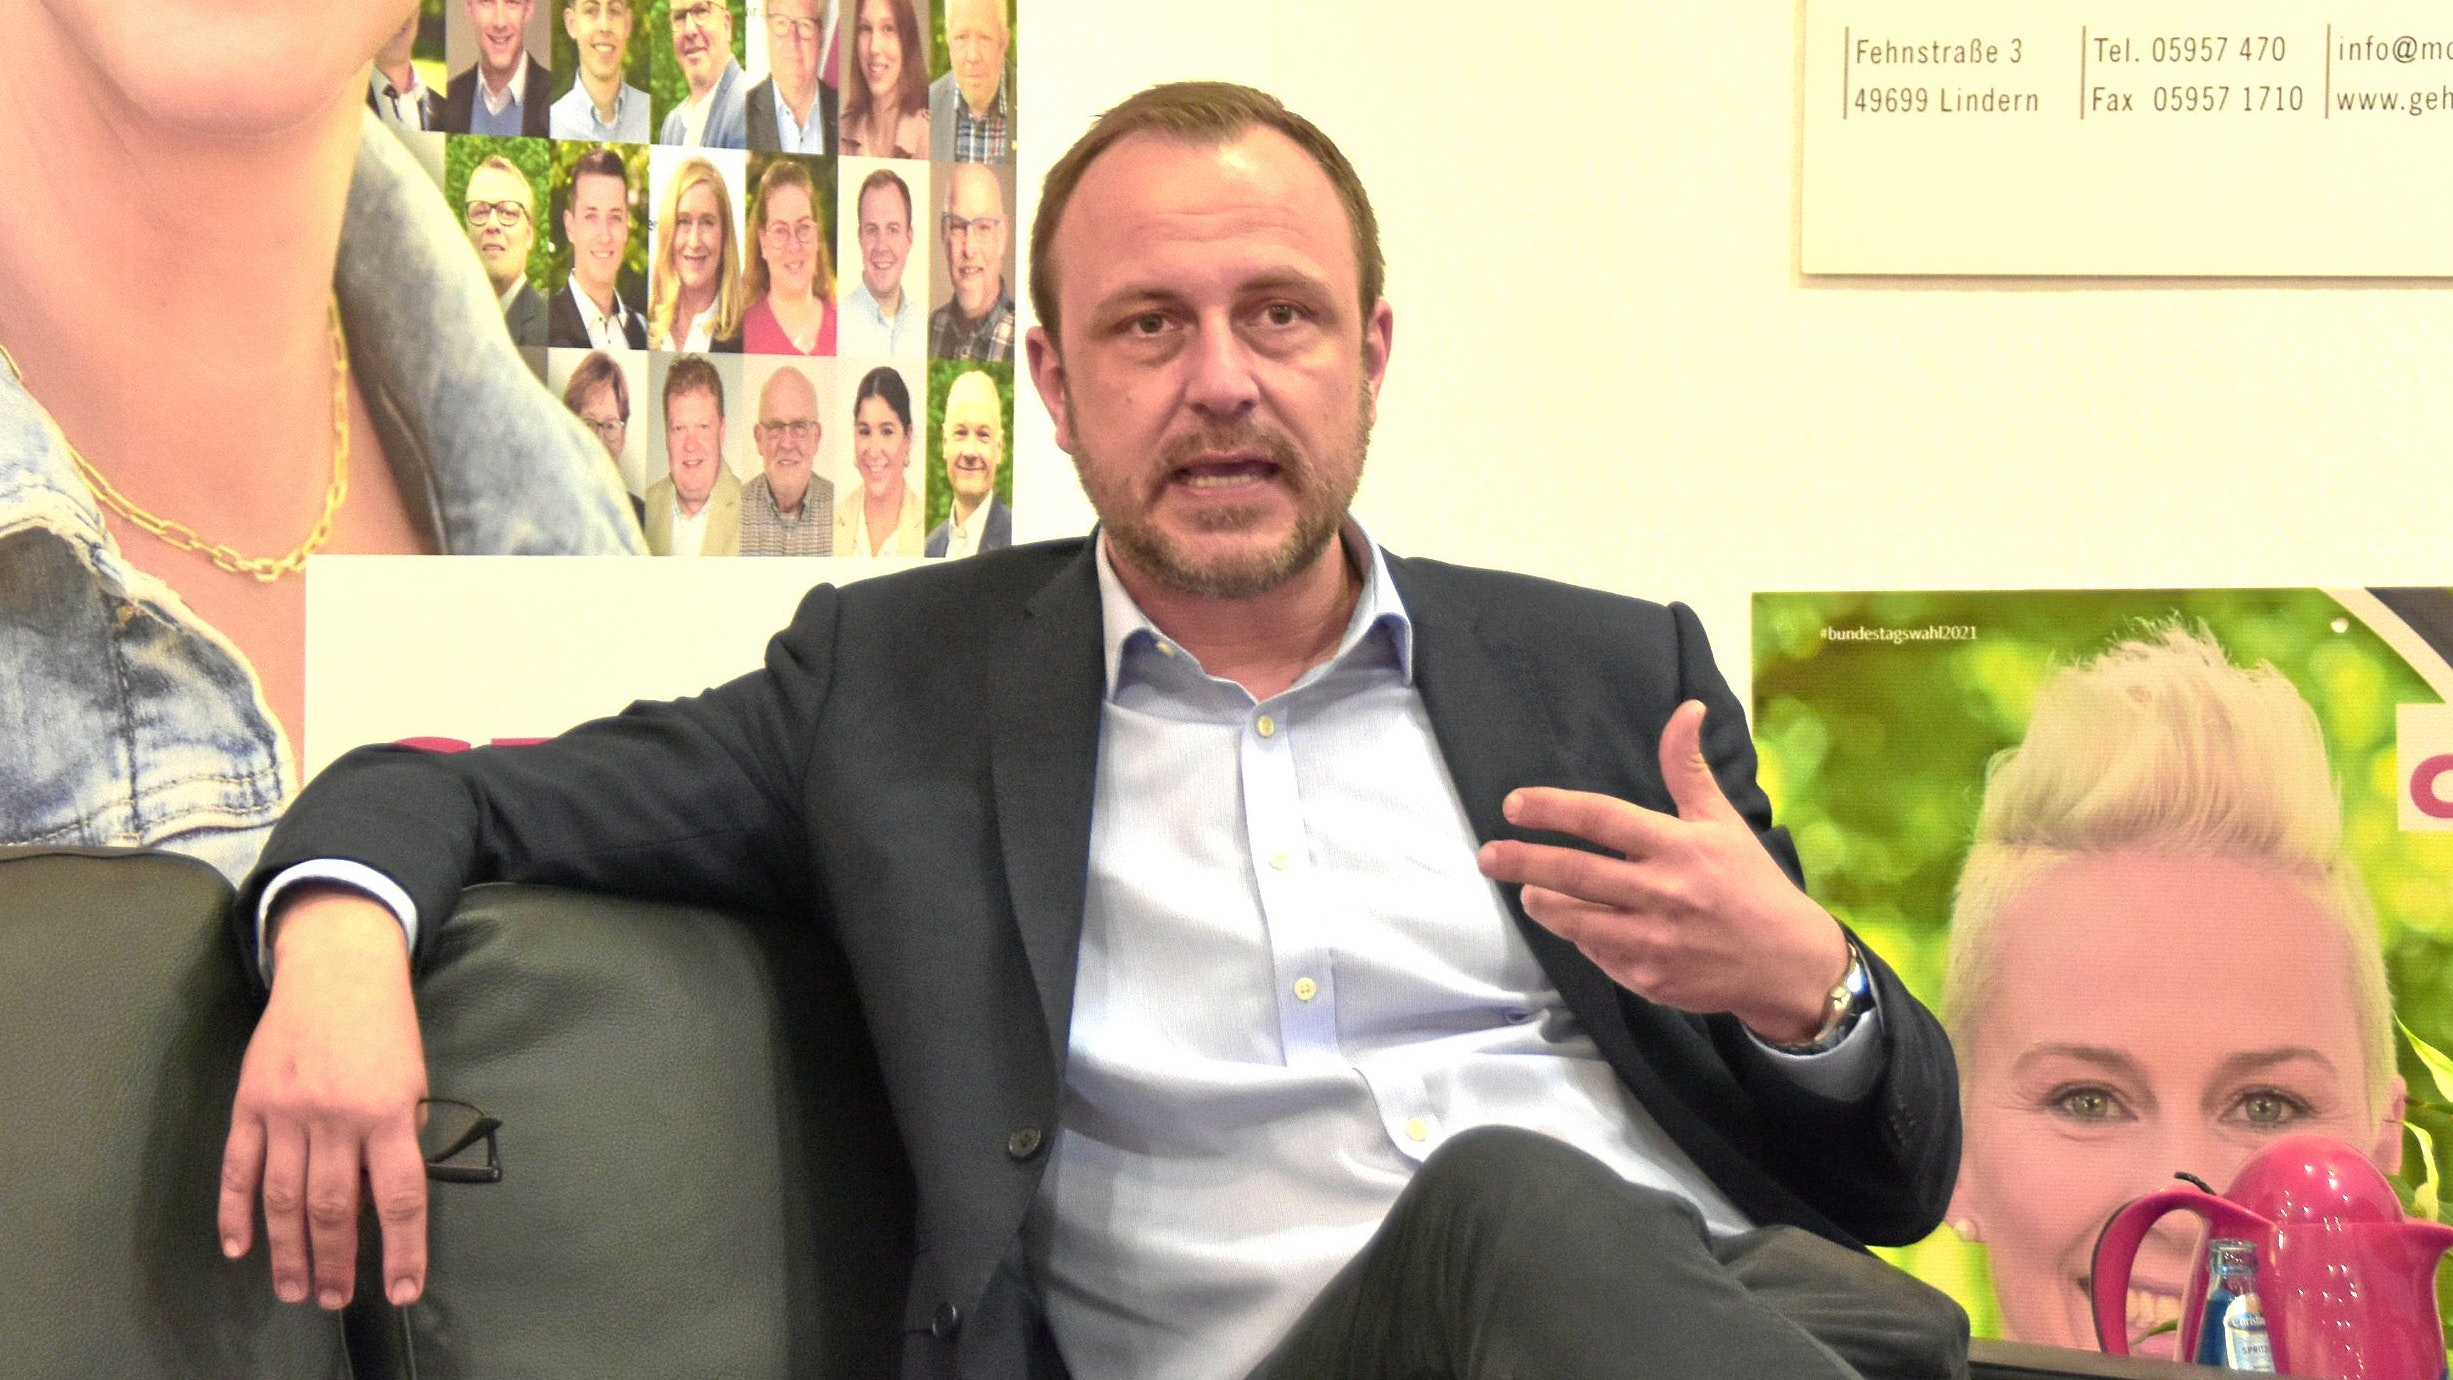 Plädiert für Vernetzung von innerer und äußerer Sicherheit: Professor Dr. Peter E. Neumann als Talkgast im Wahlkampfhaus der CDU in Vechta. Foto: Tzimurtas